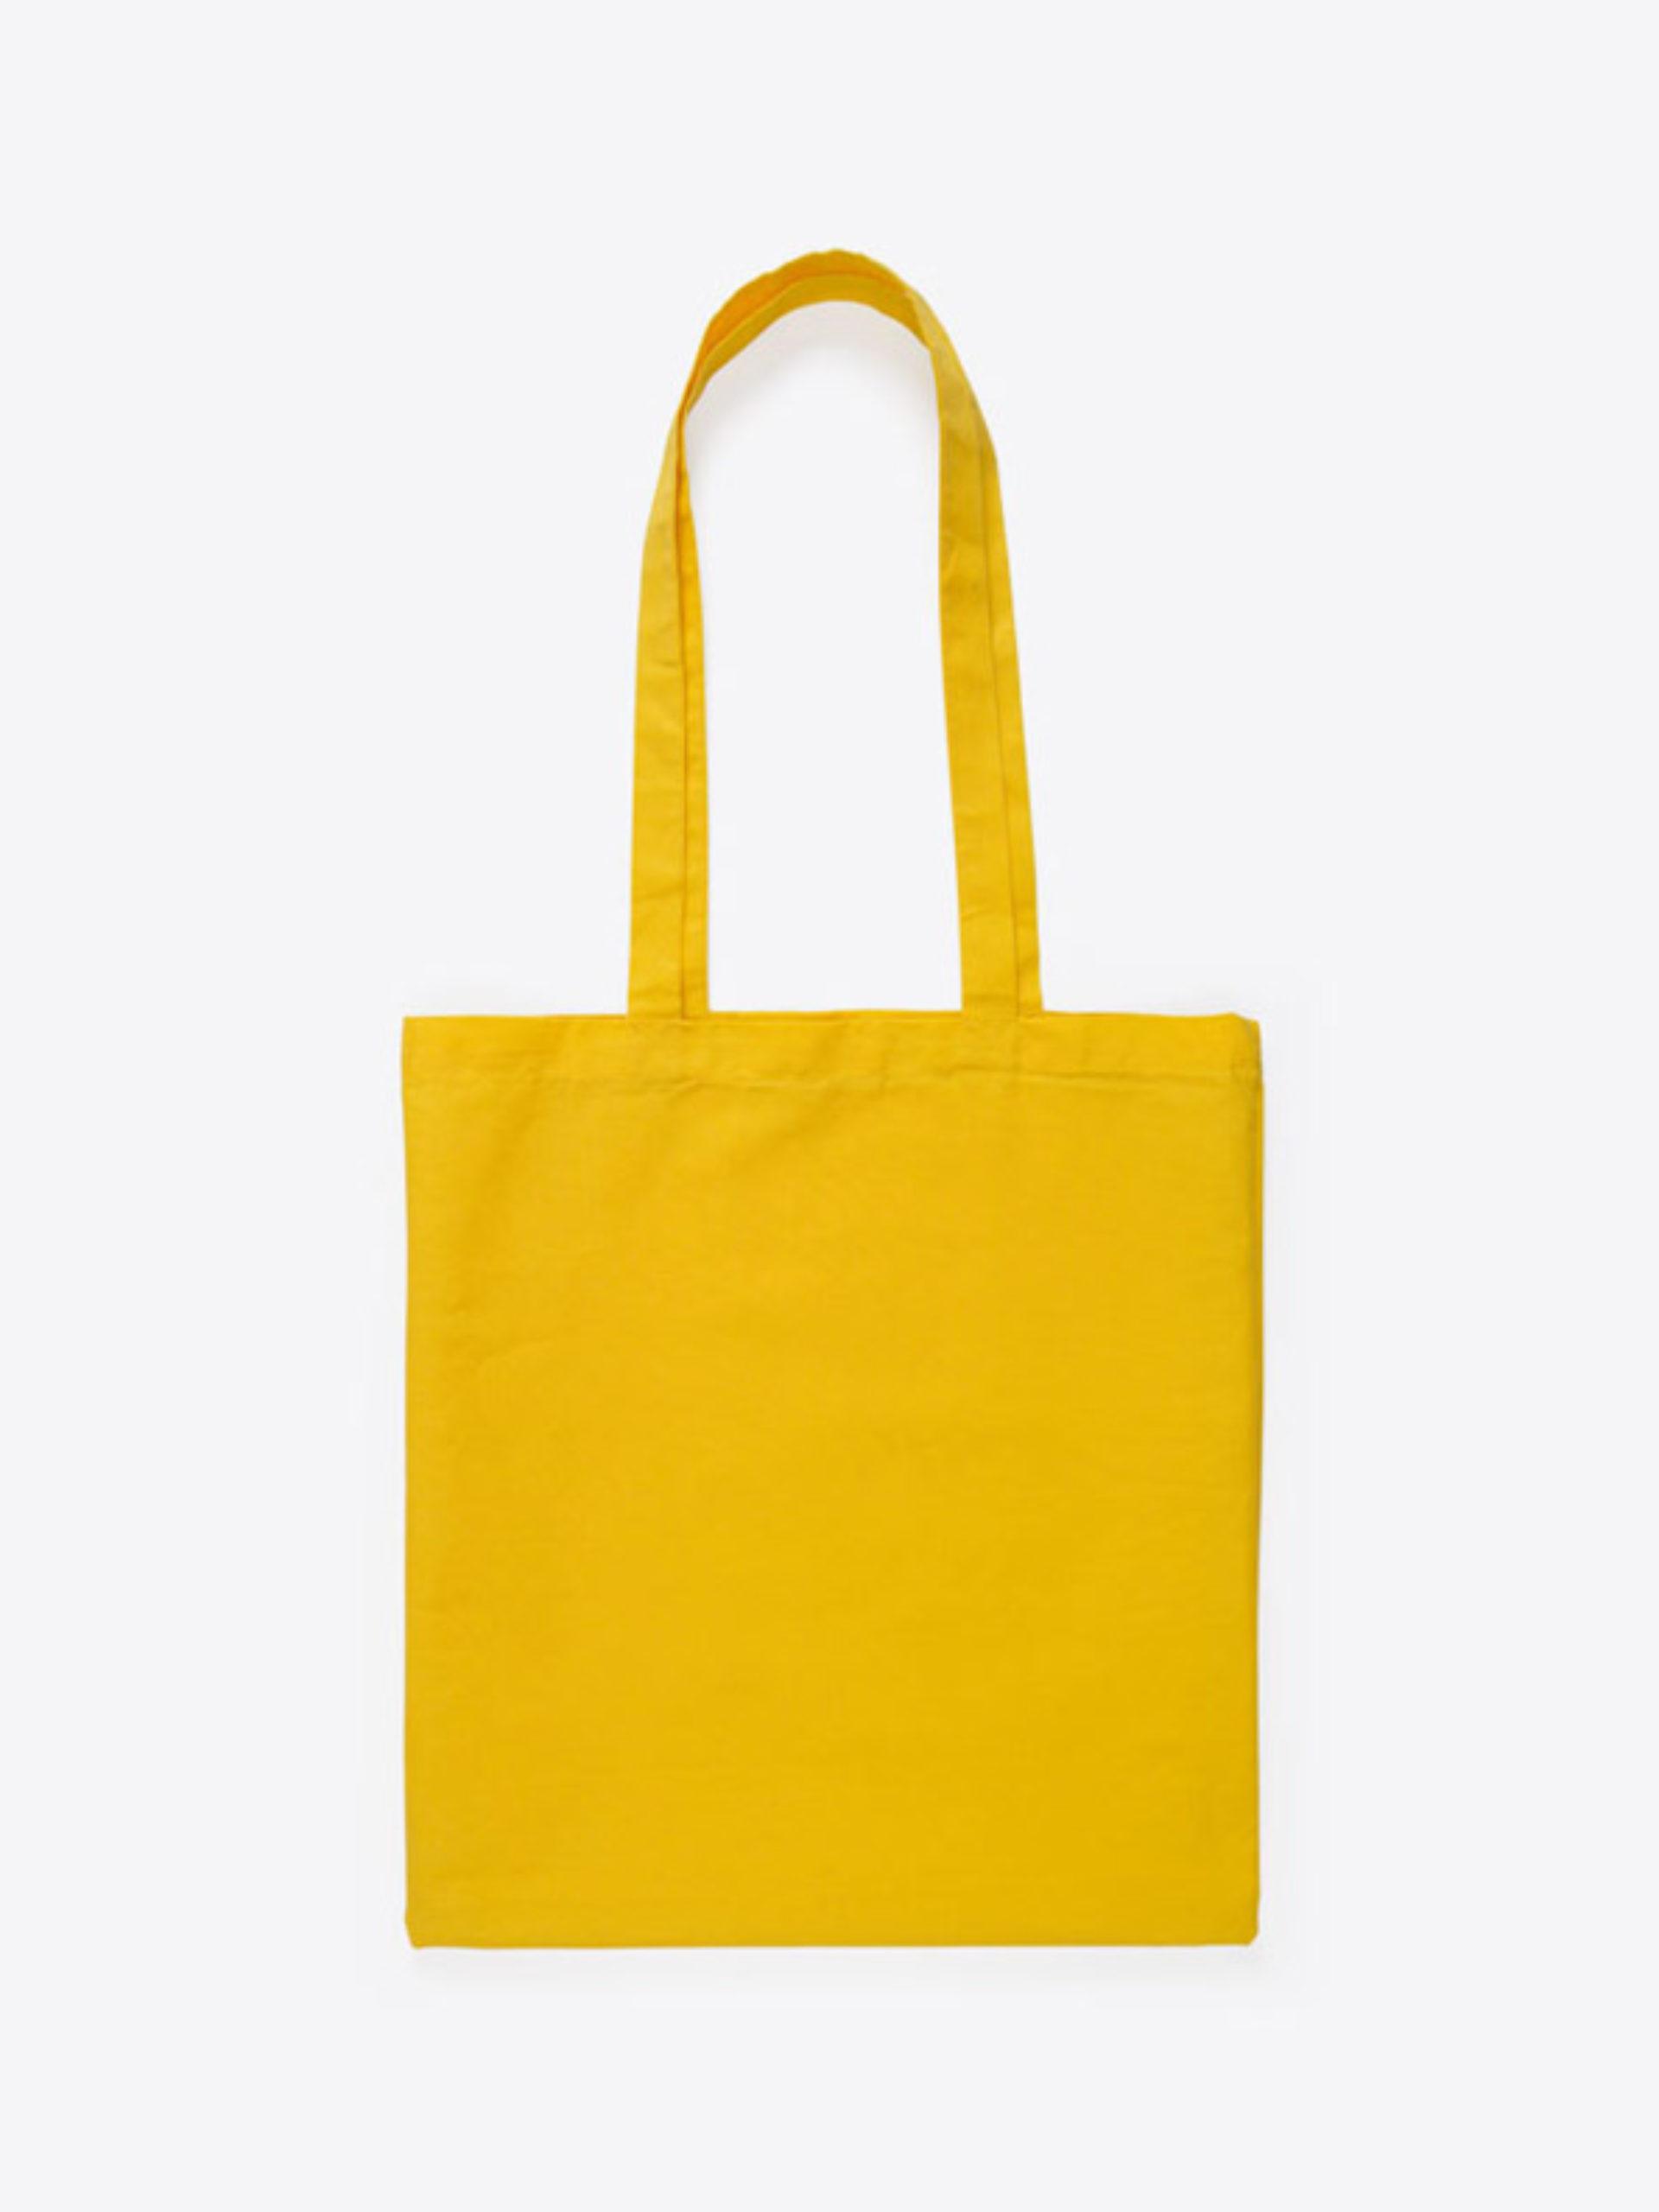 Baumwoll Beutel Unbedruckt Gelb